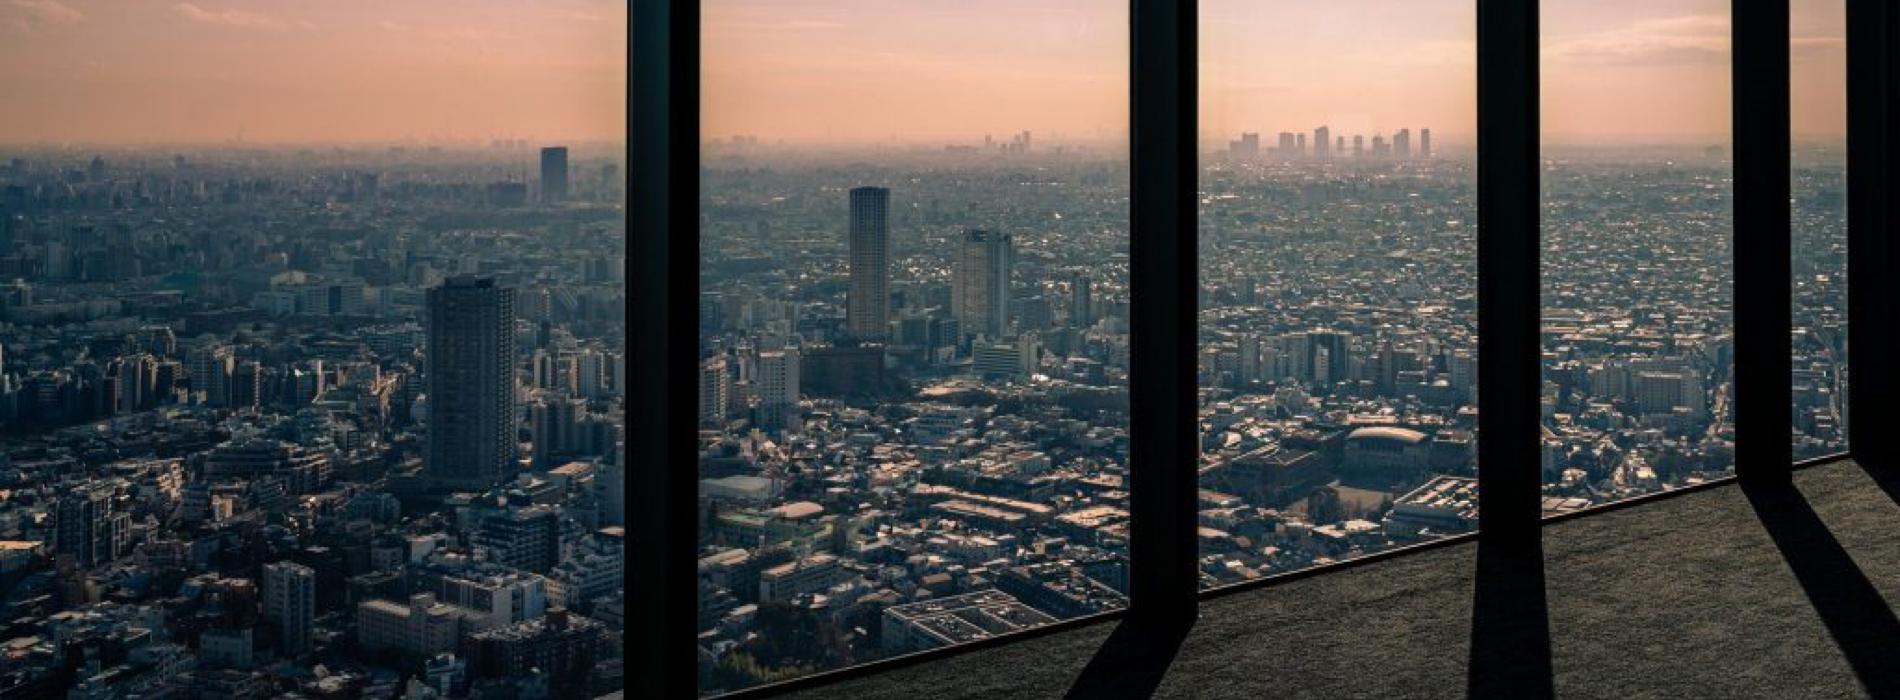 vista di Tokyo dall'alto di un grattacielo